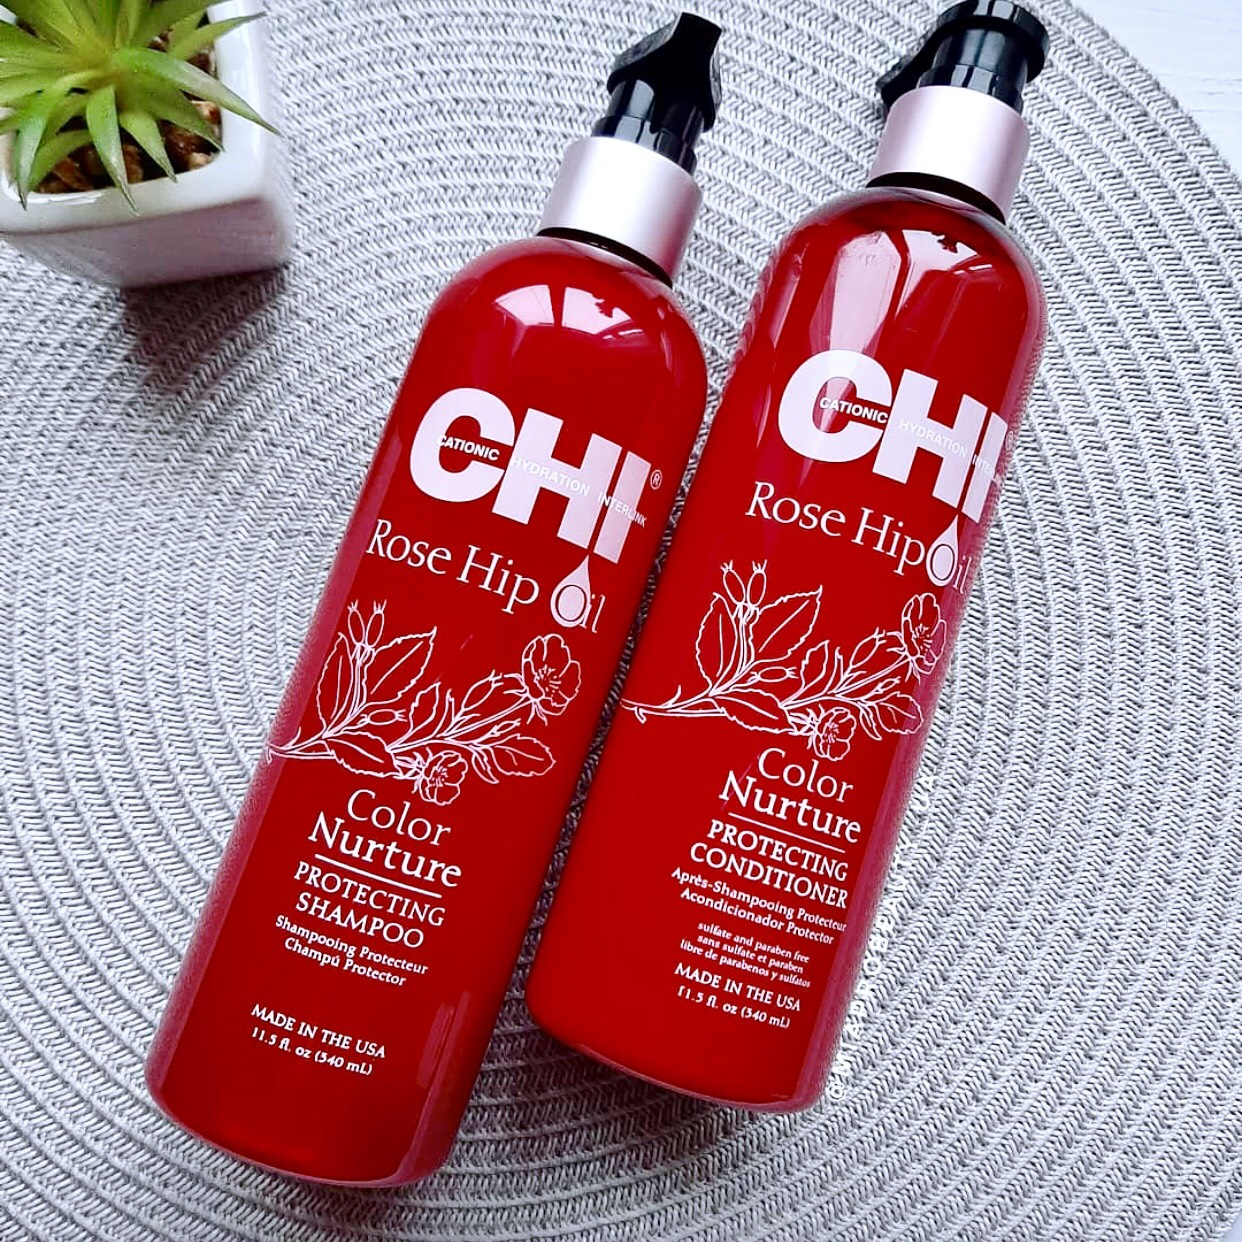 Dầu gội CHI Rose Hip Oil Color Nature giữ màu tóc nhuộm Mỹ 340ml